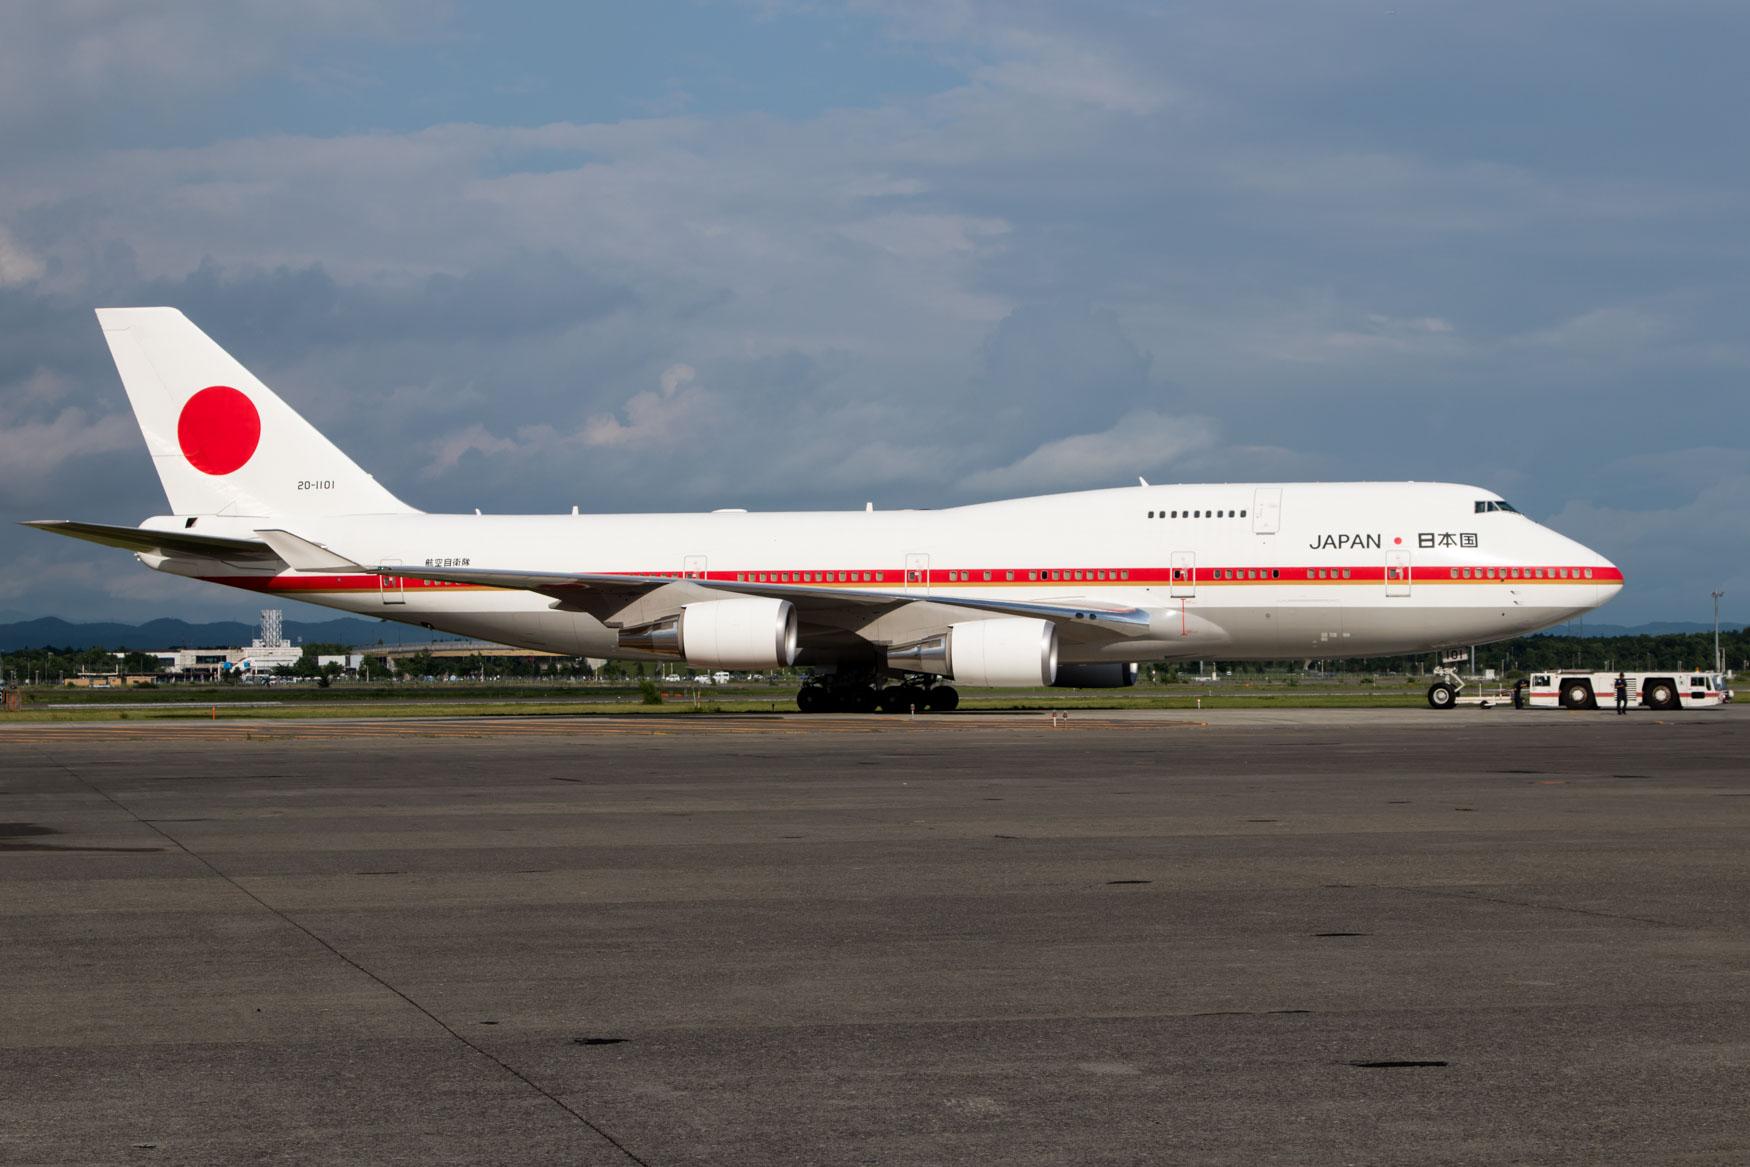 JASDF Boeing 747-400